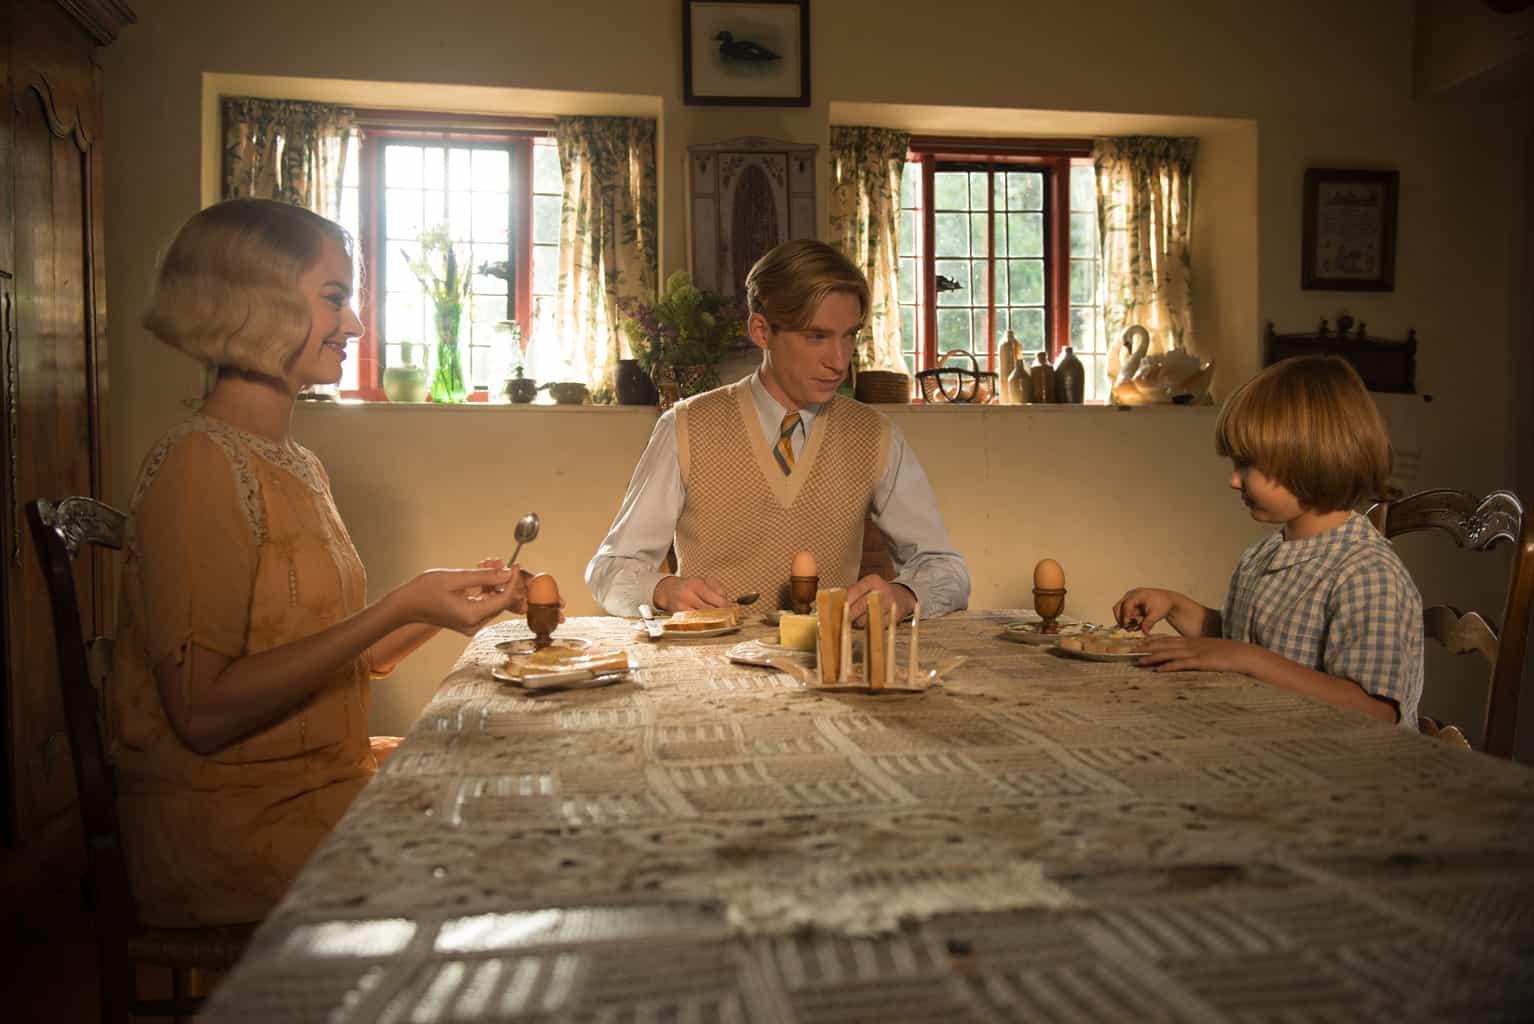 مارگو روبی، دامنال گلیسون و ویل تیلسون در نمایی از فیلم سینمایی خداحافظ کریستوفر رابین